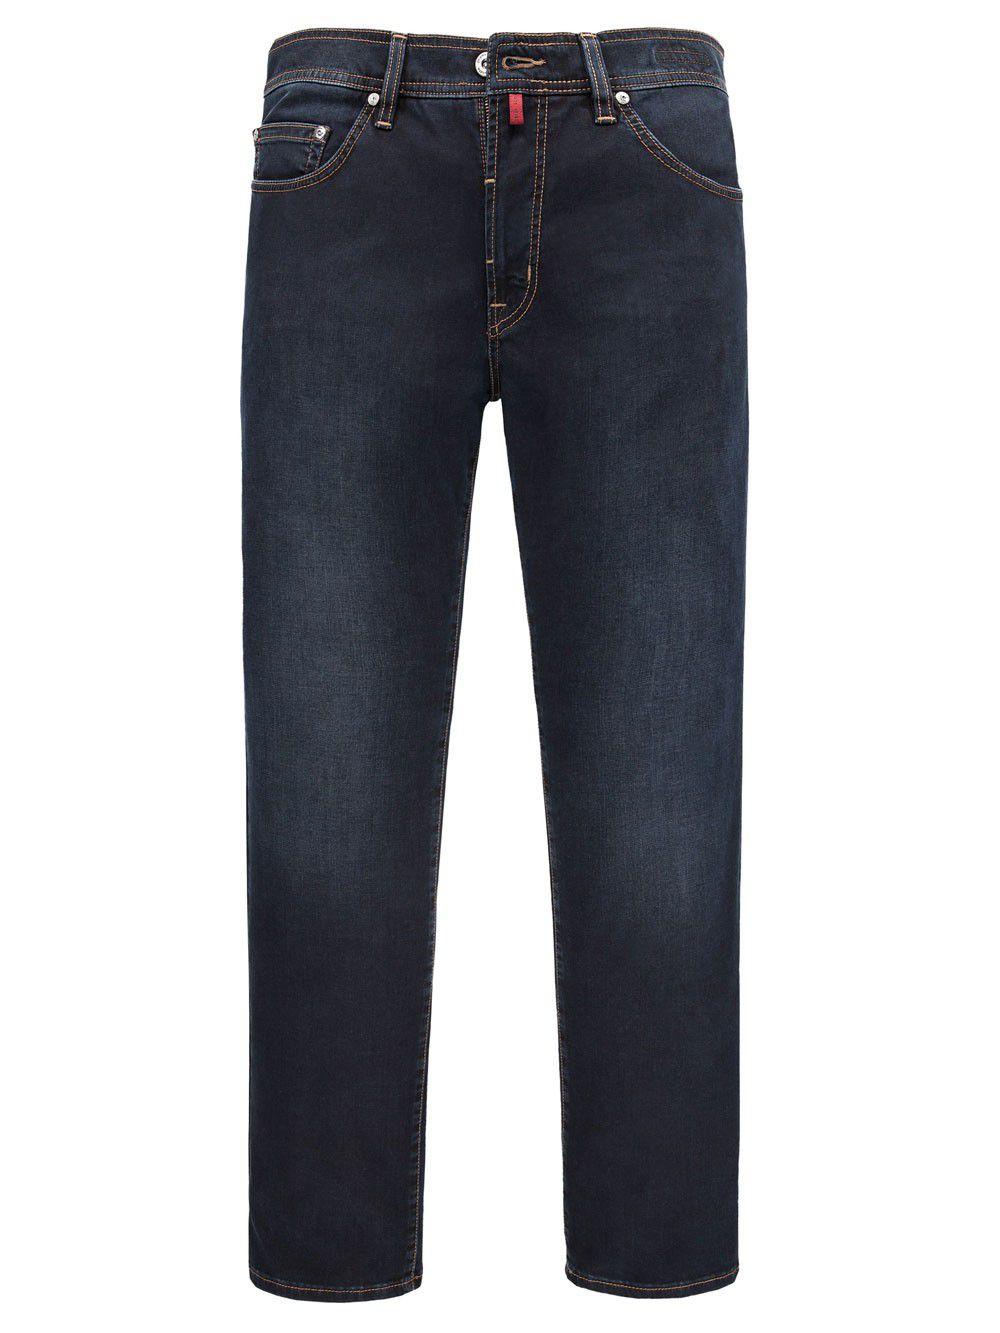 jeans pierre cardin mod le deauville 735068 pas cher. Black Bedroom Furniture Sets. Home Design Ideas